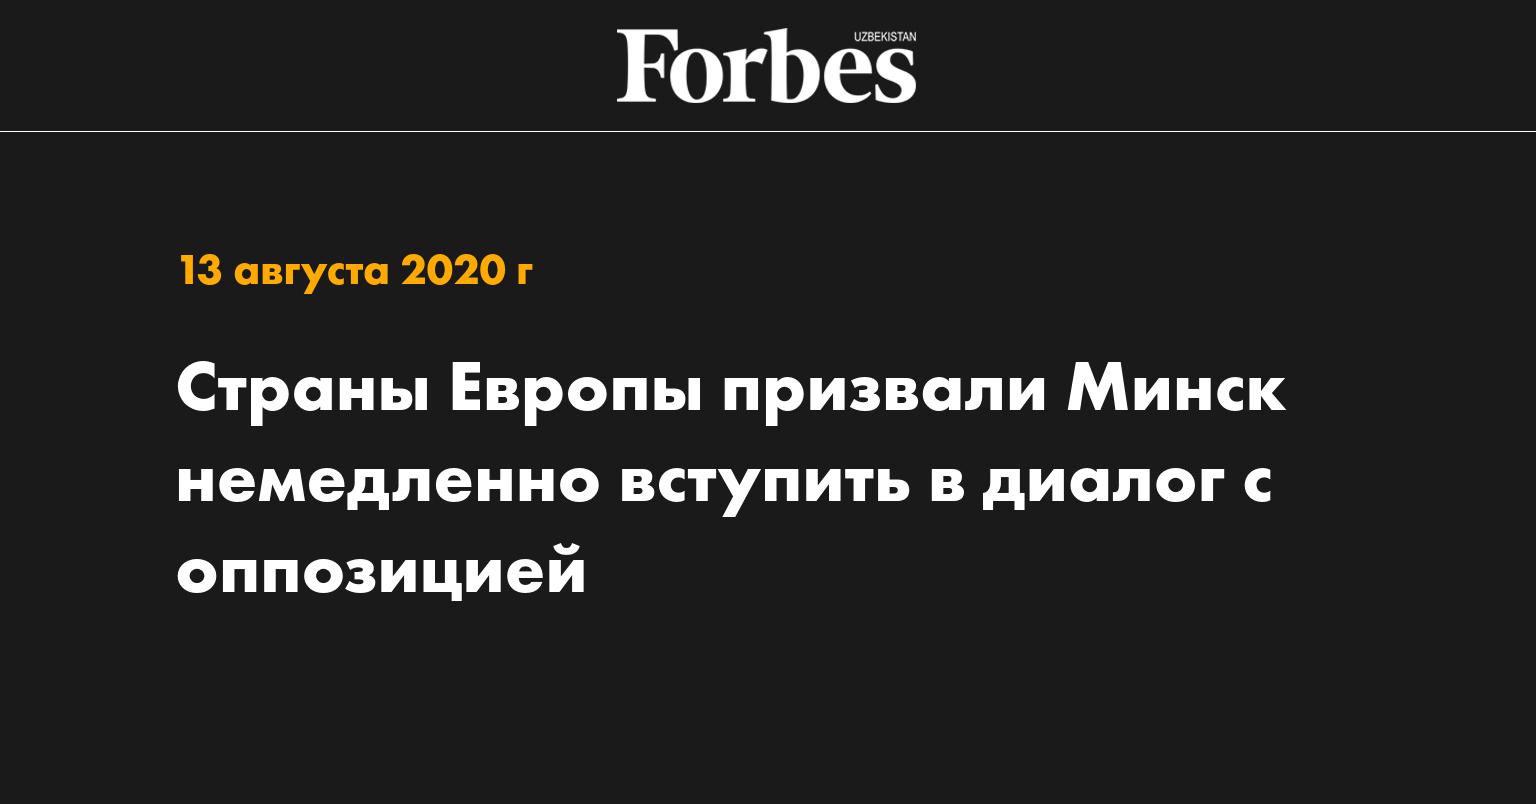 Страны Европы призвали Минск немедленно вступить в диалог с оппозицией